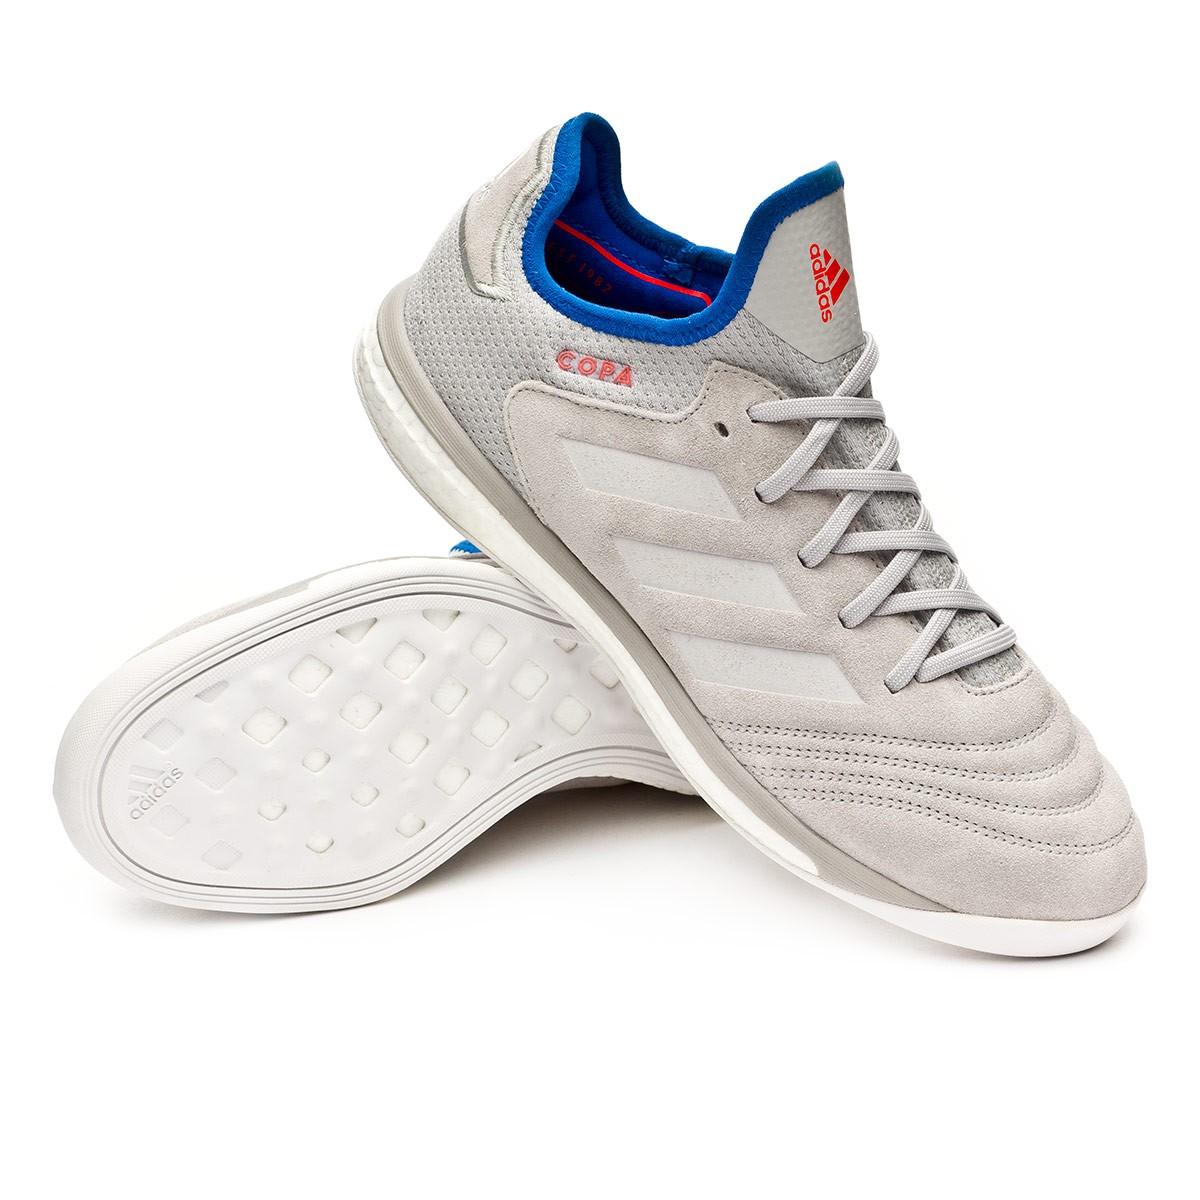 68034eb4dd5 Trainers adidas Copa Tango 18.1 TR Grey-Football blue - Leaked soccer